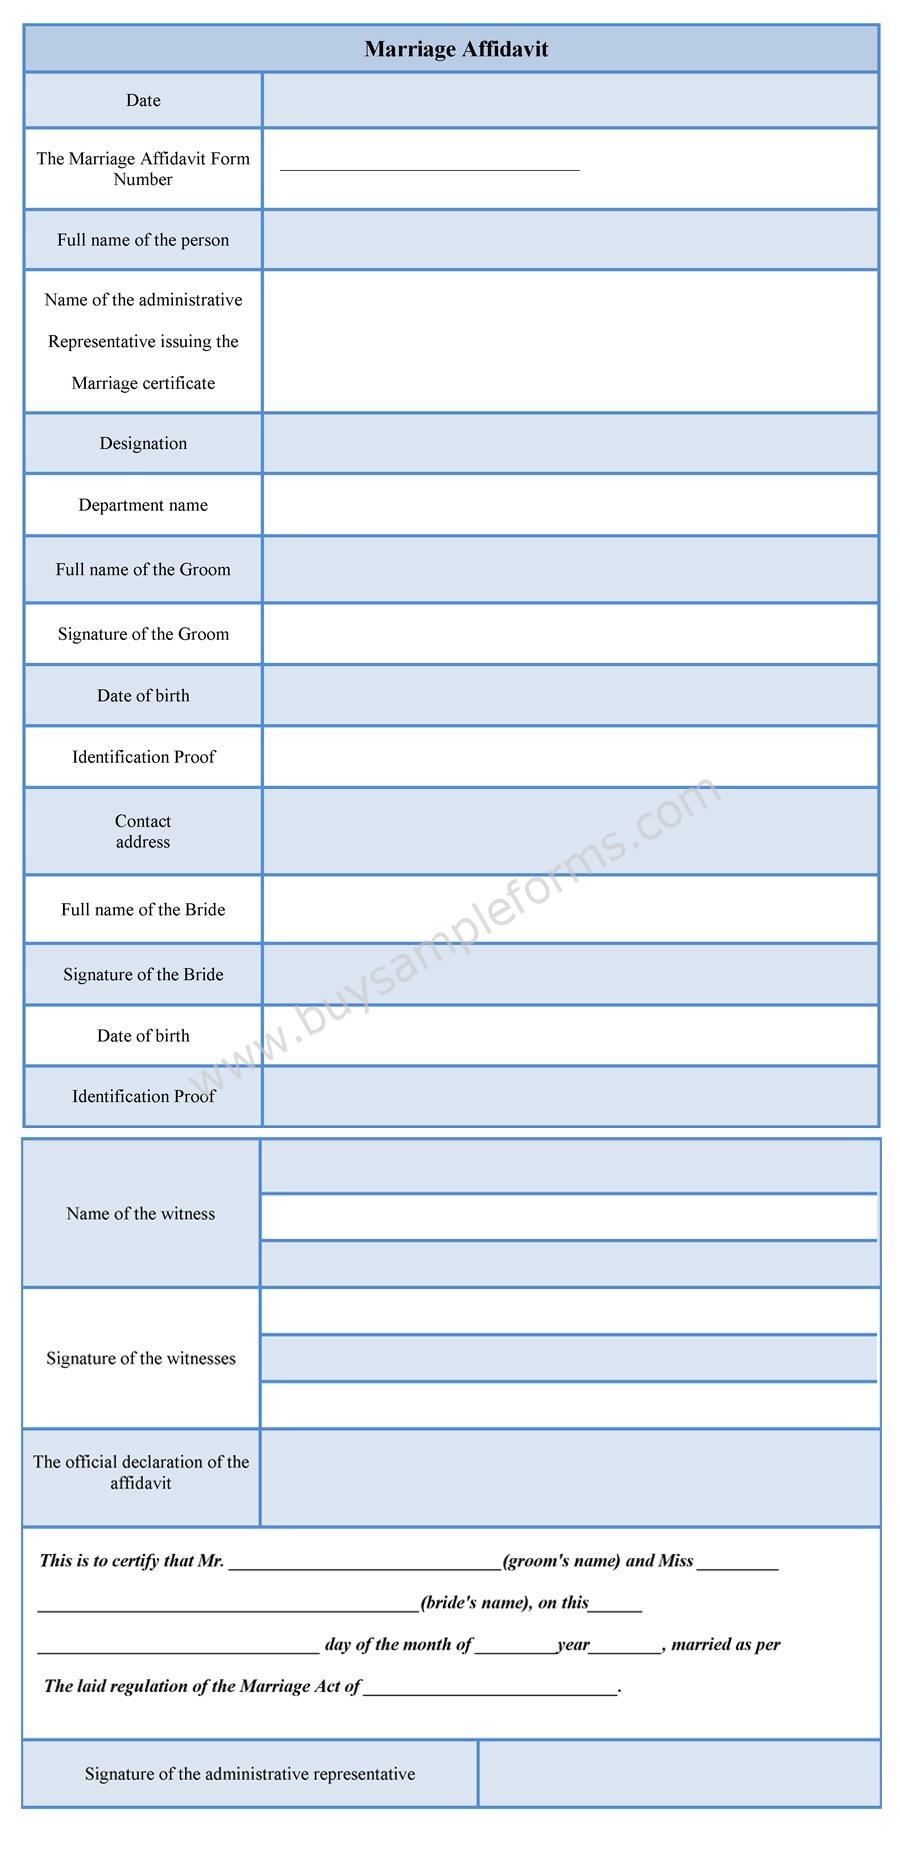 Marriage Affidavit Form Affidavit Of Marriage Form Sample Marriage Affidavit  Form Marriage Affidavit Form Address Affidavit Sample Address Affidavit  Sample  Address Affidavit Sample